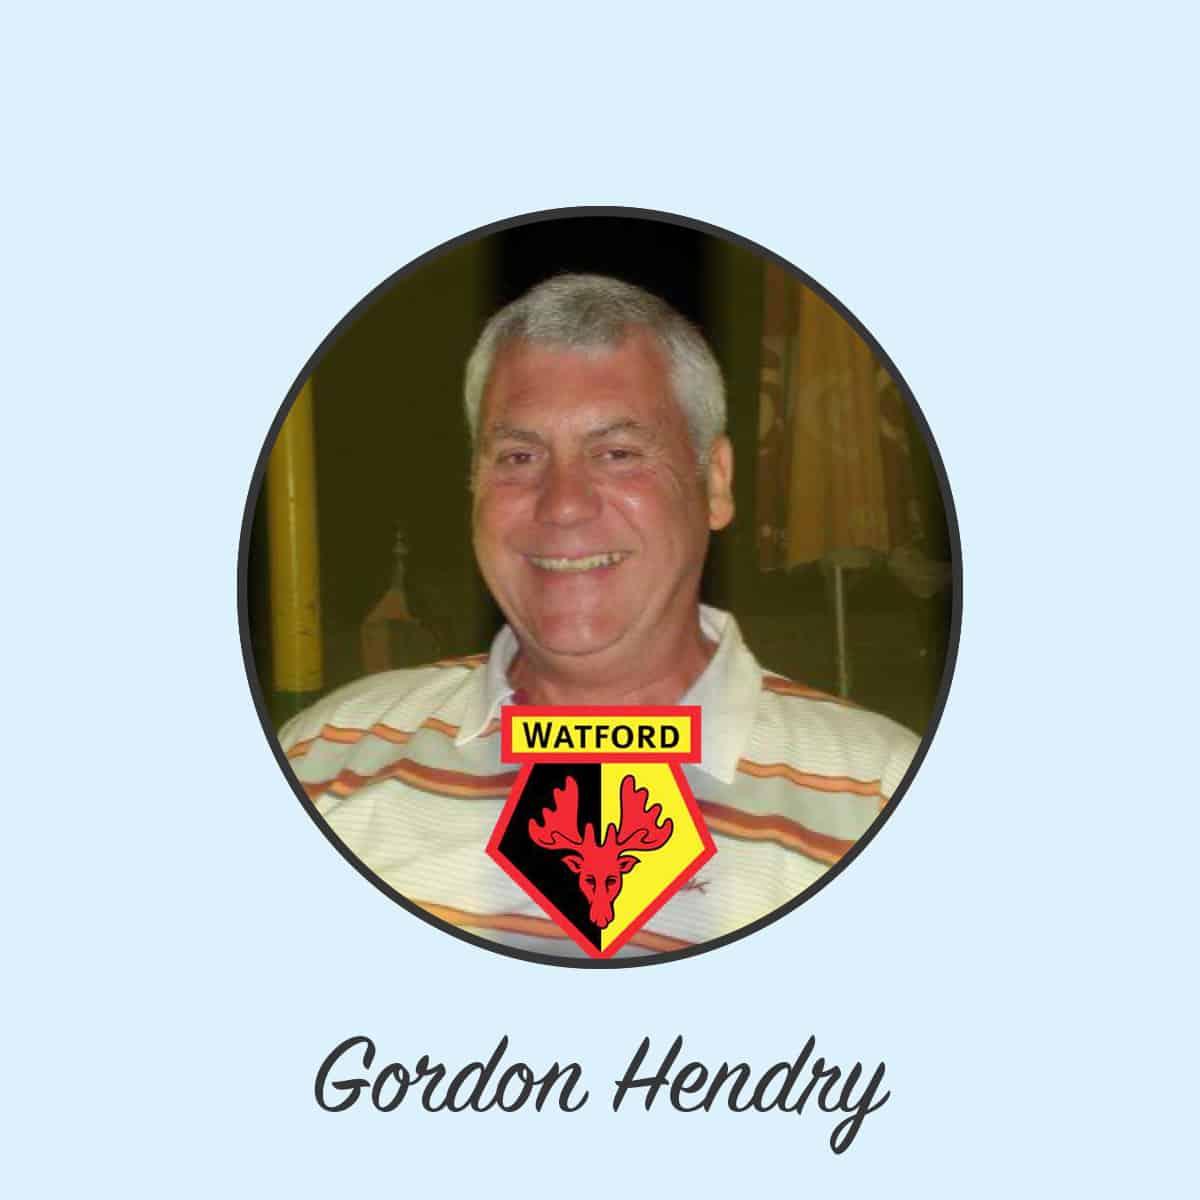 Gordon Hendry